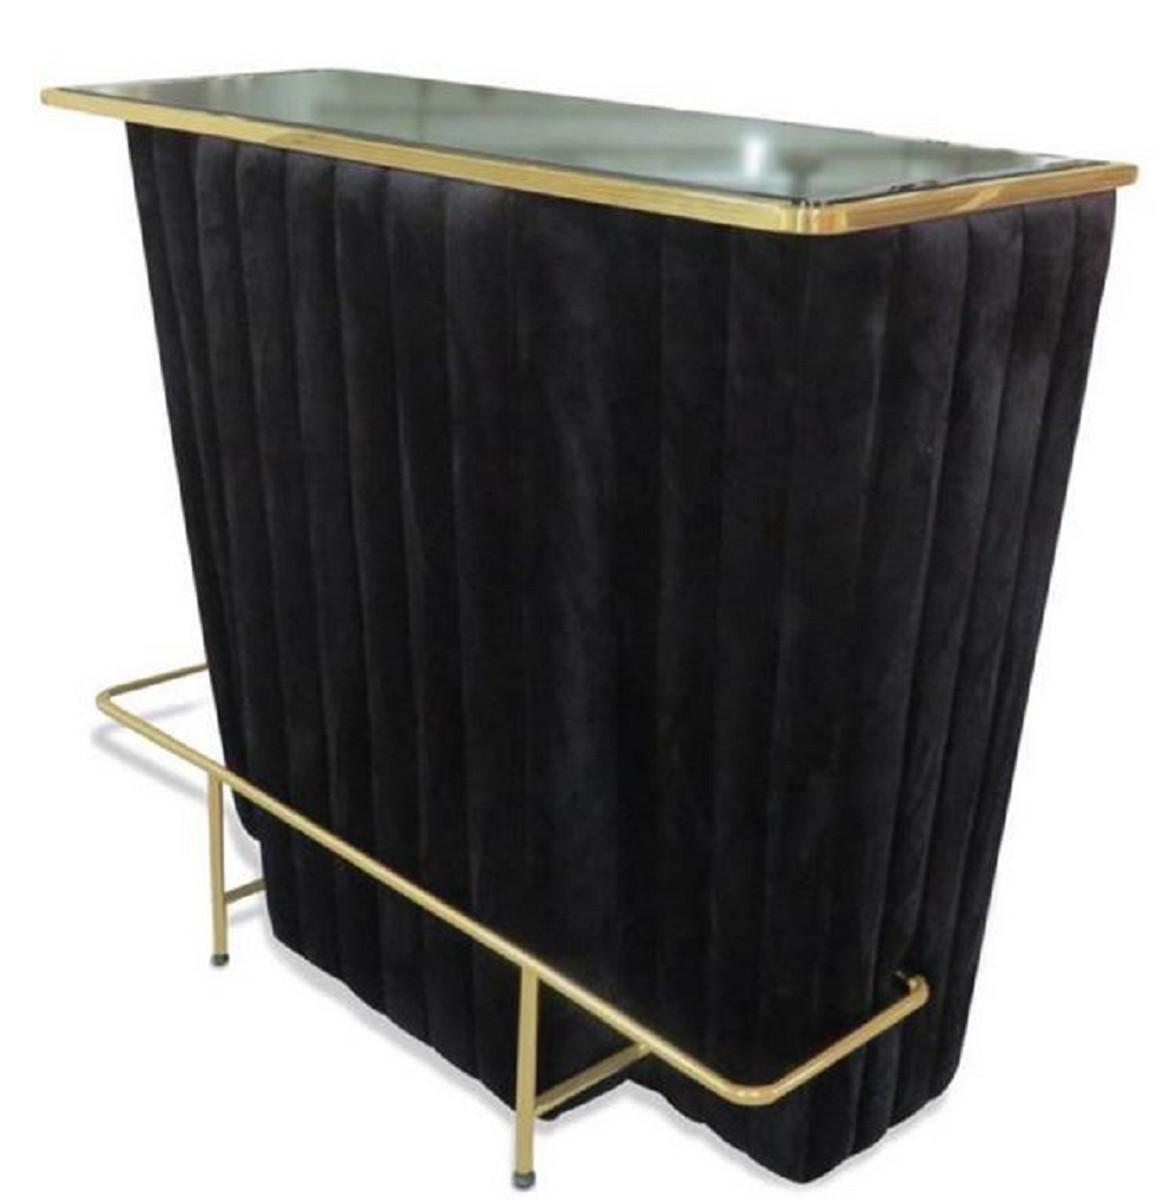 Bancone Bar Per Casa casa padrino bancone bar di lusso nero / oro 120 x 48 x h. 105 cm - bancone  bar con piano in vetro e poggiapiedi - armadietto bar - mobile bar -